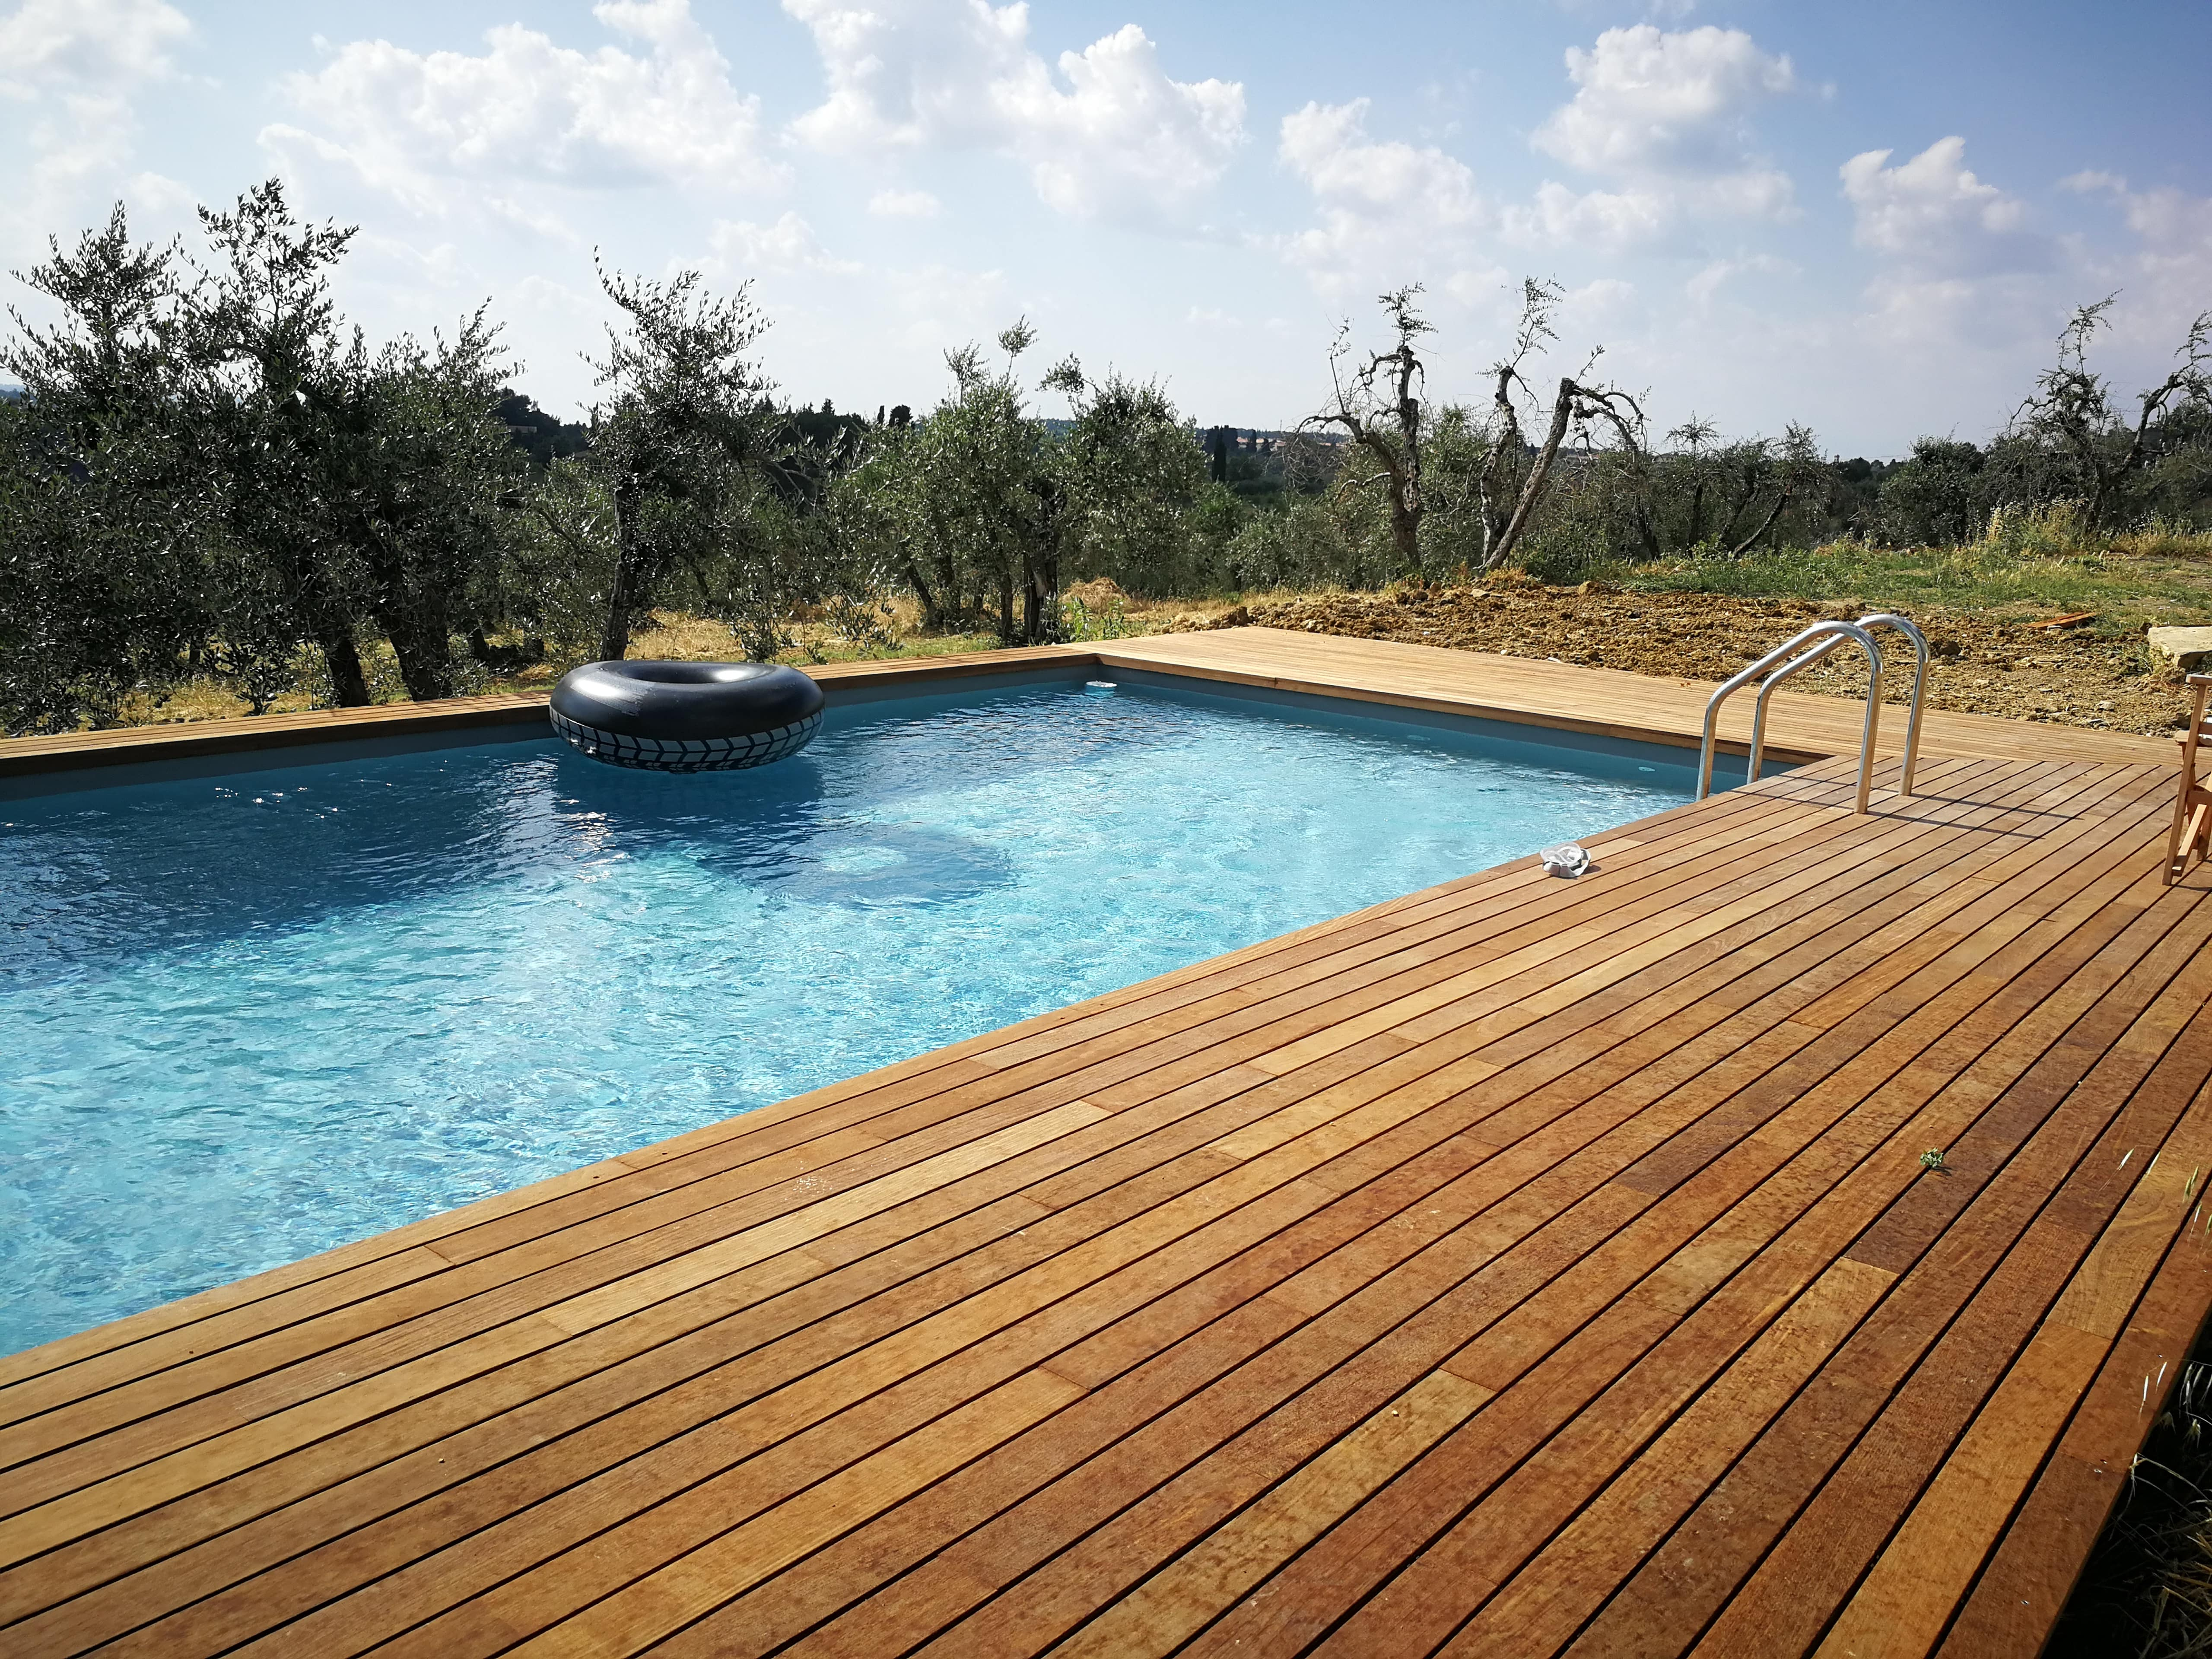 Realizzazione piscine senza permessi in toscana garden pool realizzazione piscine in toscana - Piscine in toscana ...